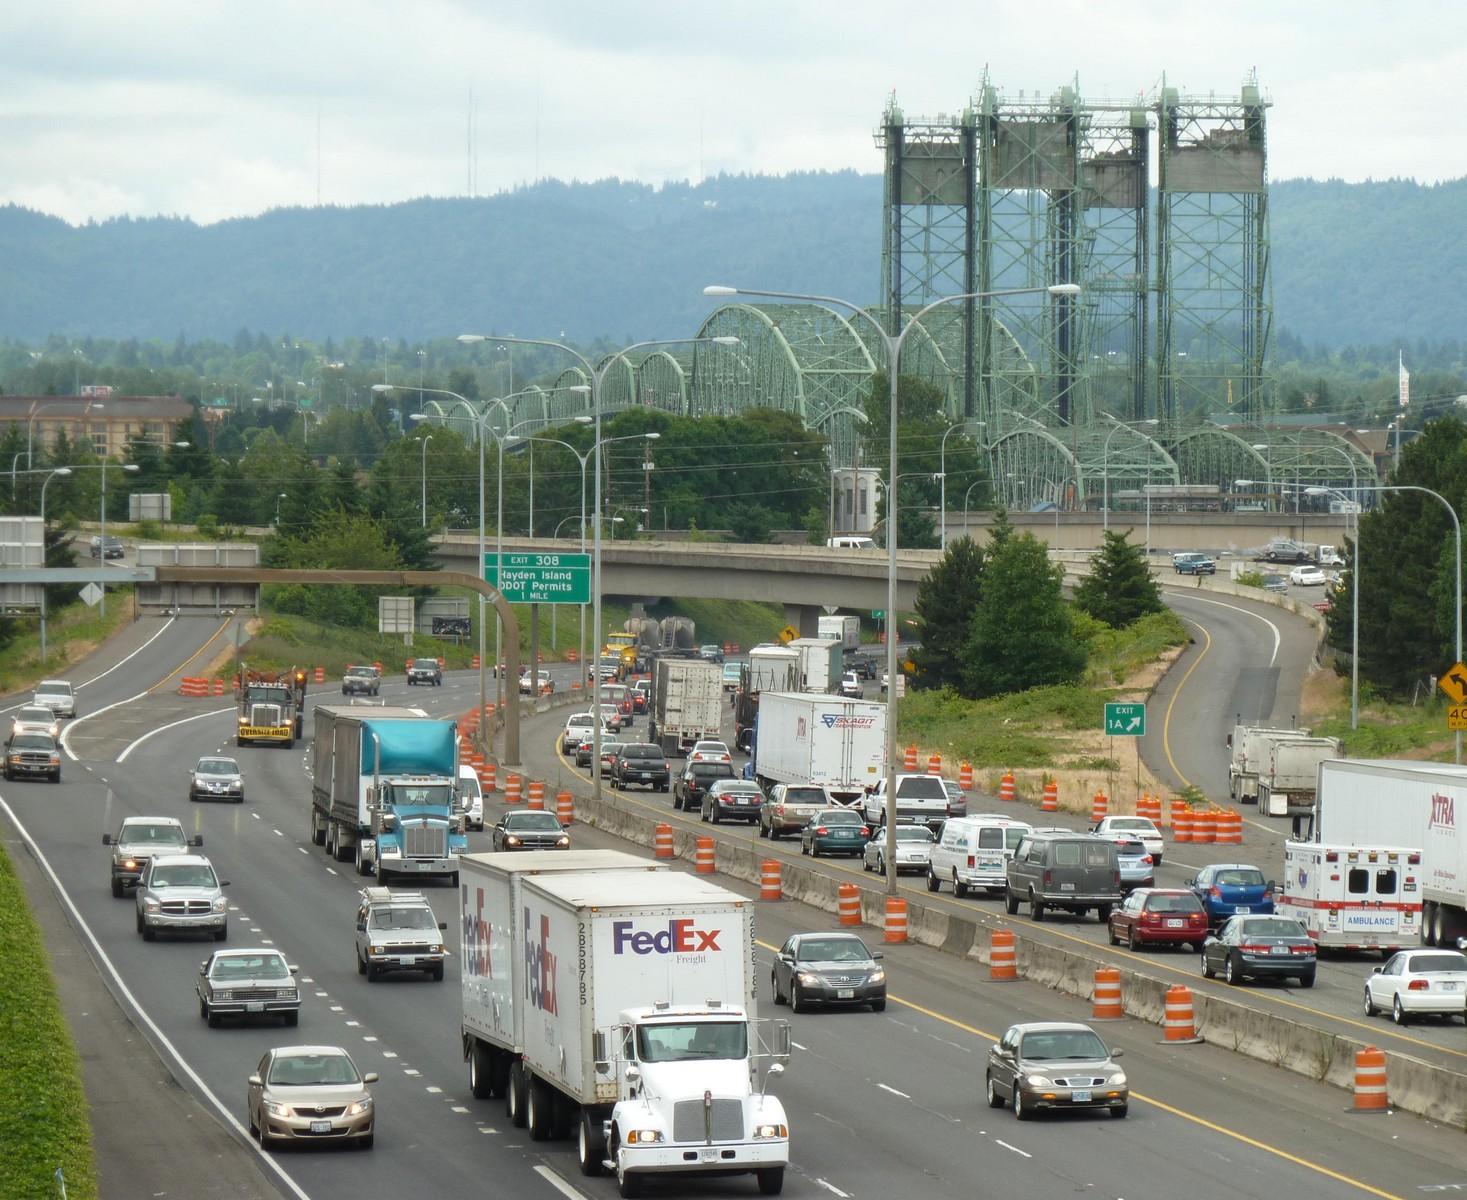 Southwest Washington Regional Transportation Council